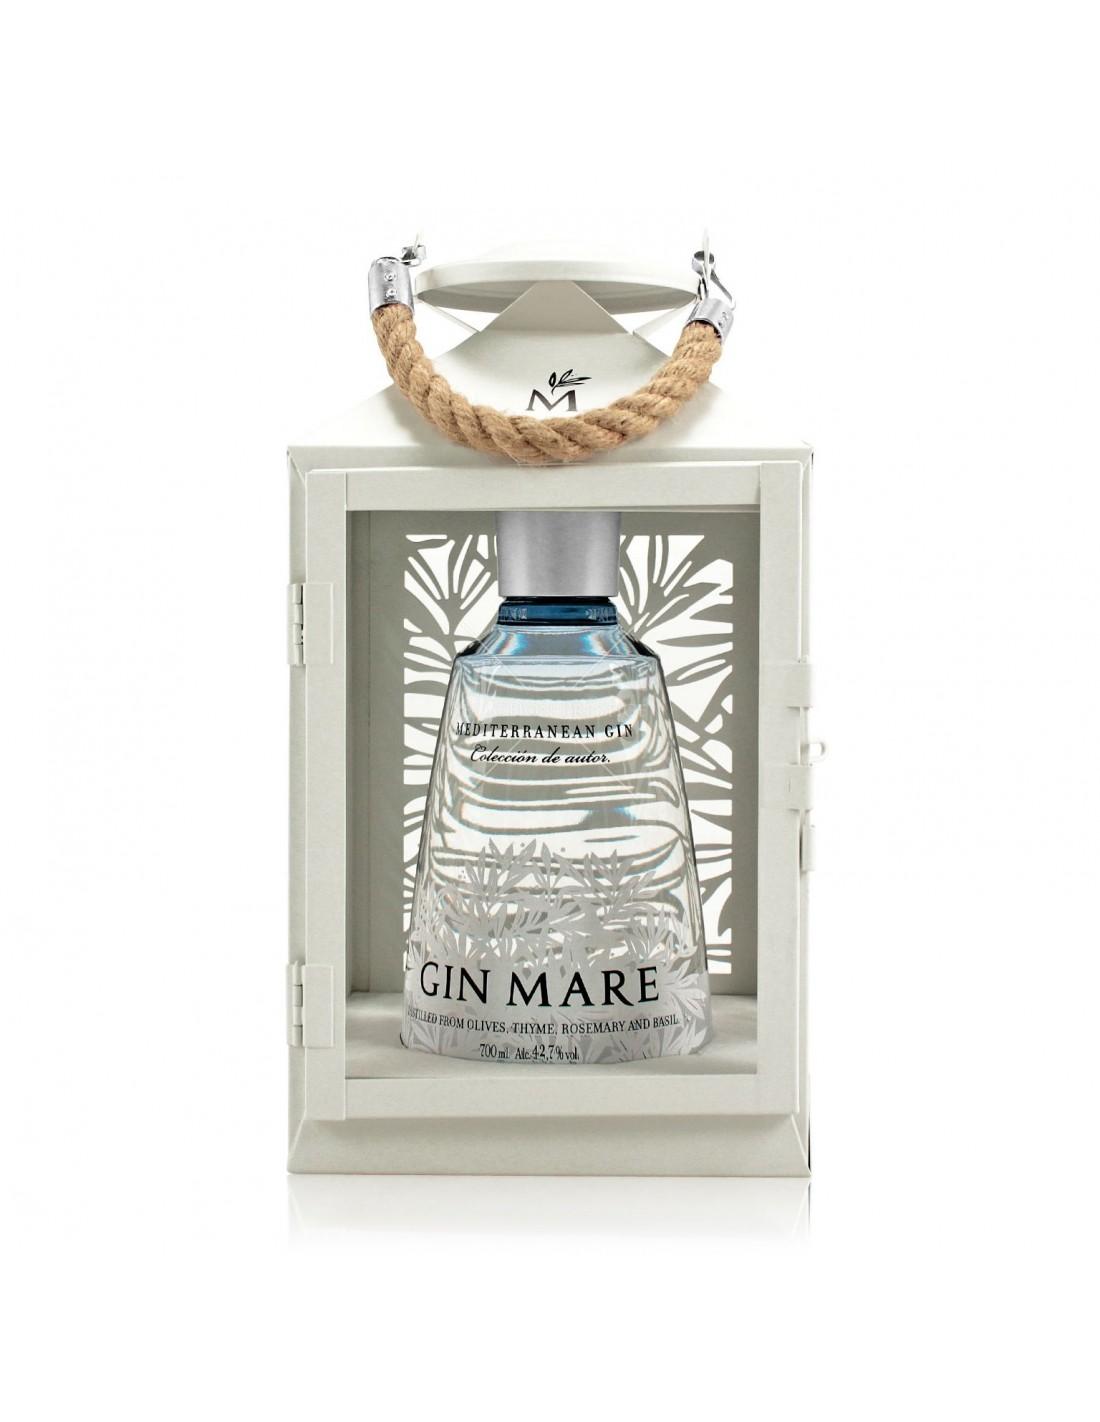 Gin Mare Lantern 42.7% alc., 0.7L